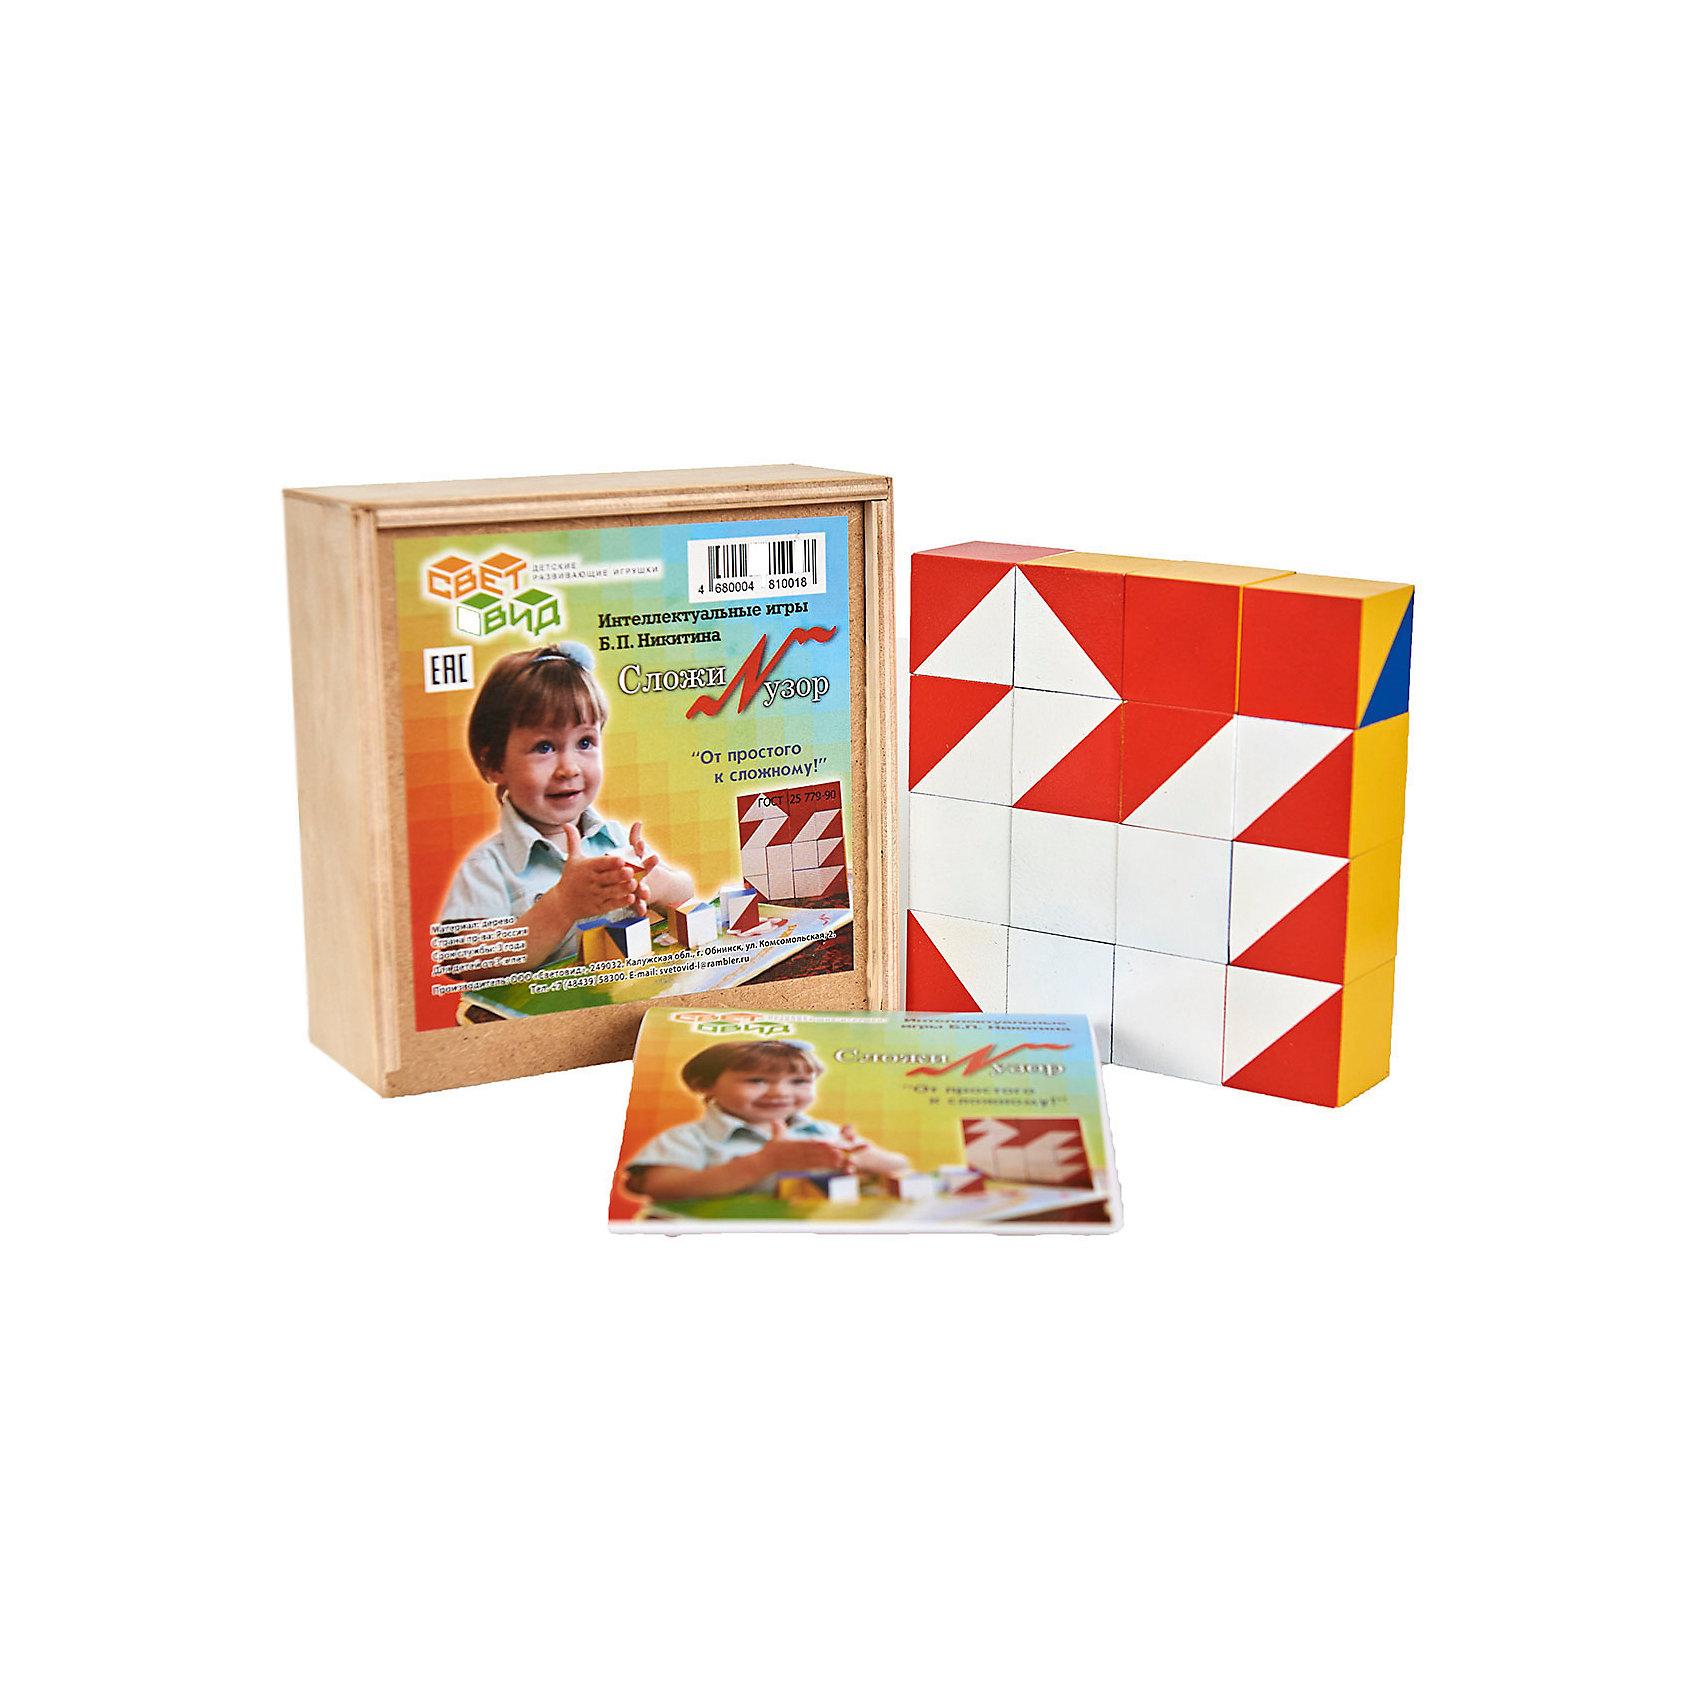 Сложи узор, (коробка фанера), СветовидМетодики раннего развития<br>Игра состоит из 16 одинаковых кубиков. Все 6 граней каждого кубика окрашены по-разному в 4 цвета. Это позволяет составлять из них 1-, 2-, 3- и даже 4-цветные узоры в громадном количестве вариантов. Эти узоры напоминают контуры различных предметов, картин, которым дети любят давать названия. В игре с кубиками дети выполняют 3 вида заданий.<br><br>Ширина мм: 138<br>Глубина мм: 138<br>Высота мм: 53<br>Вес г: 500<br>Возраст от месяцев: 36<br>Возраст до месяцев: 2147483647<br>Пол: Унисекс<br>Возраст: Детский<br>SKU: 6894274